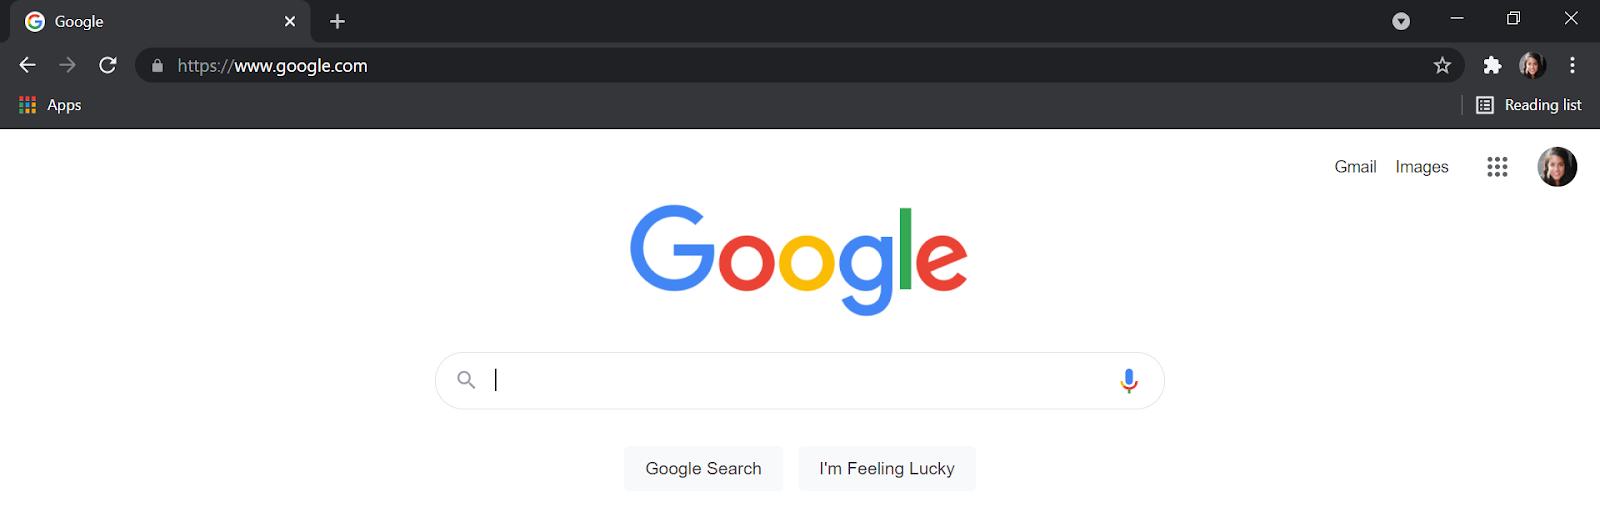 System wide dark mode Google Chrome